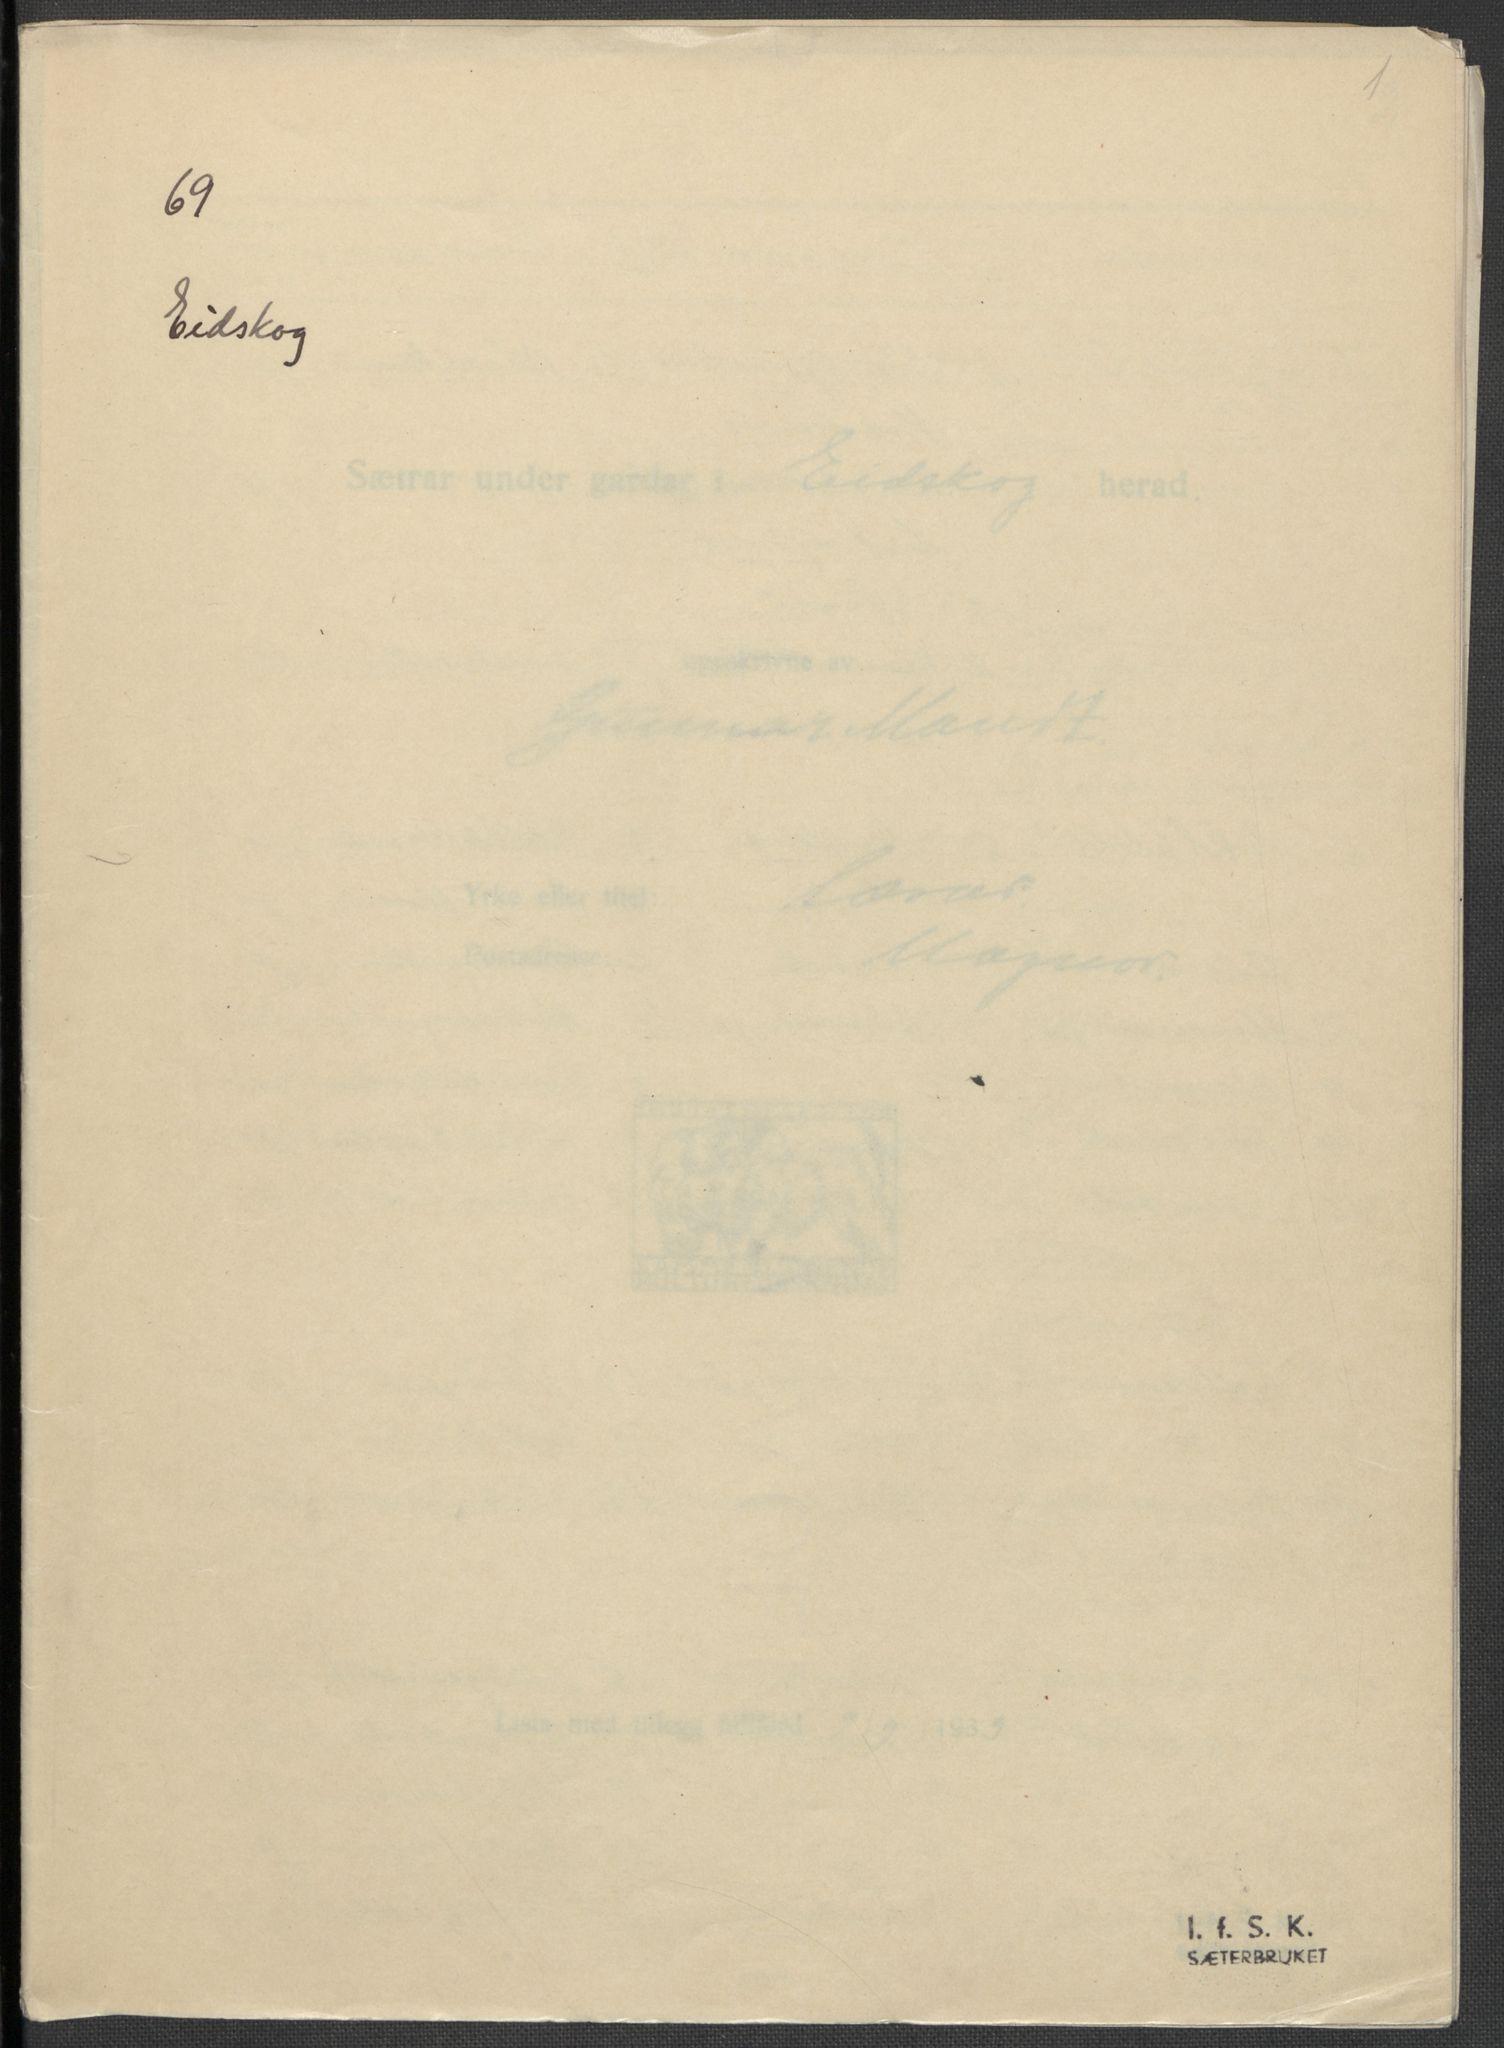 RA, Instituttet for sammenlignende kulturforskning, F/Fc/L0003: Eske B3:, 1934-1935, s. 1